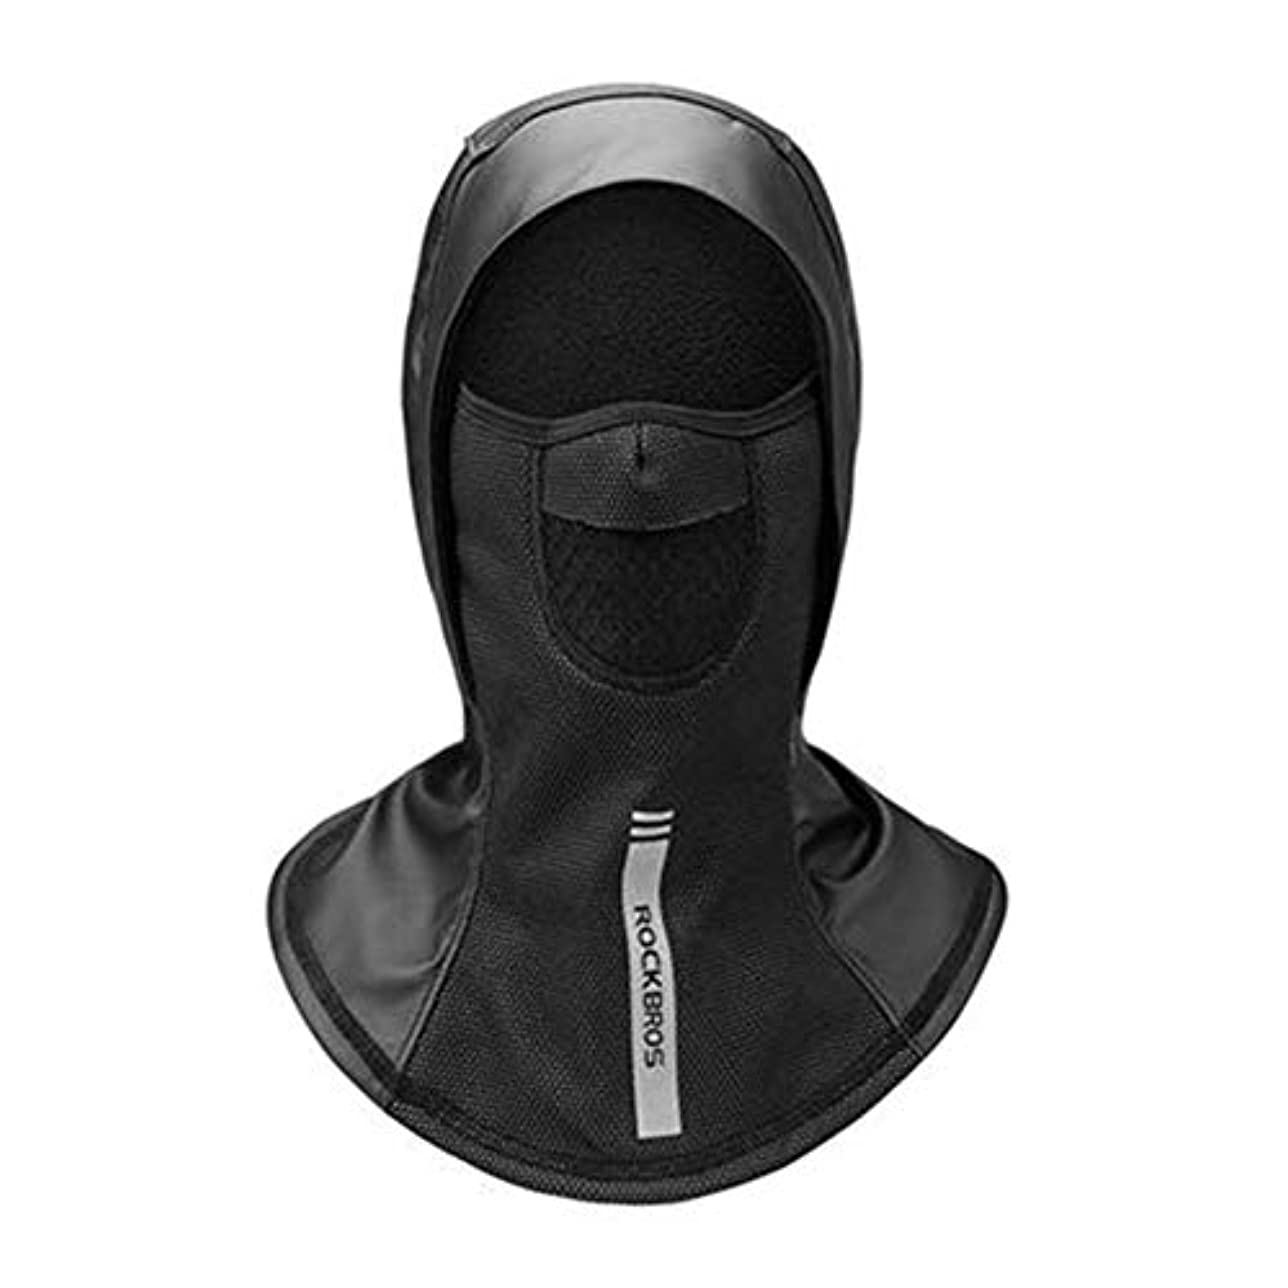 アクセサリートラフ物足りないオートバイに適した通気穴を備えた防水フリース生地防風スキーマスク、アウトドアスポーツマスクに一般的なサイズに乗って